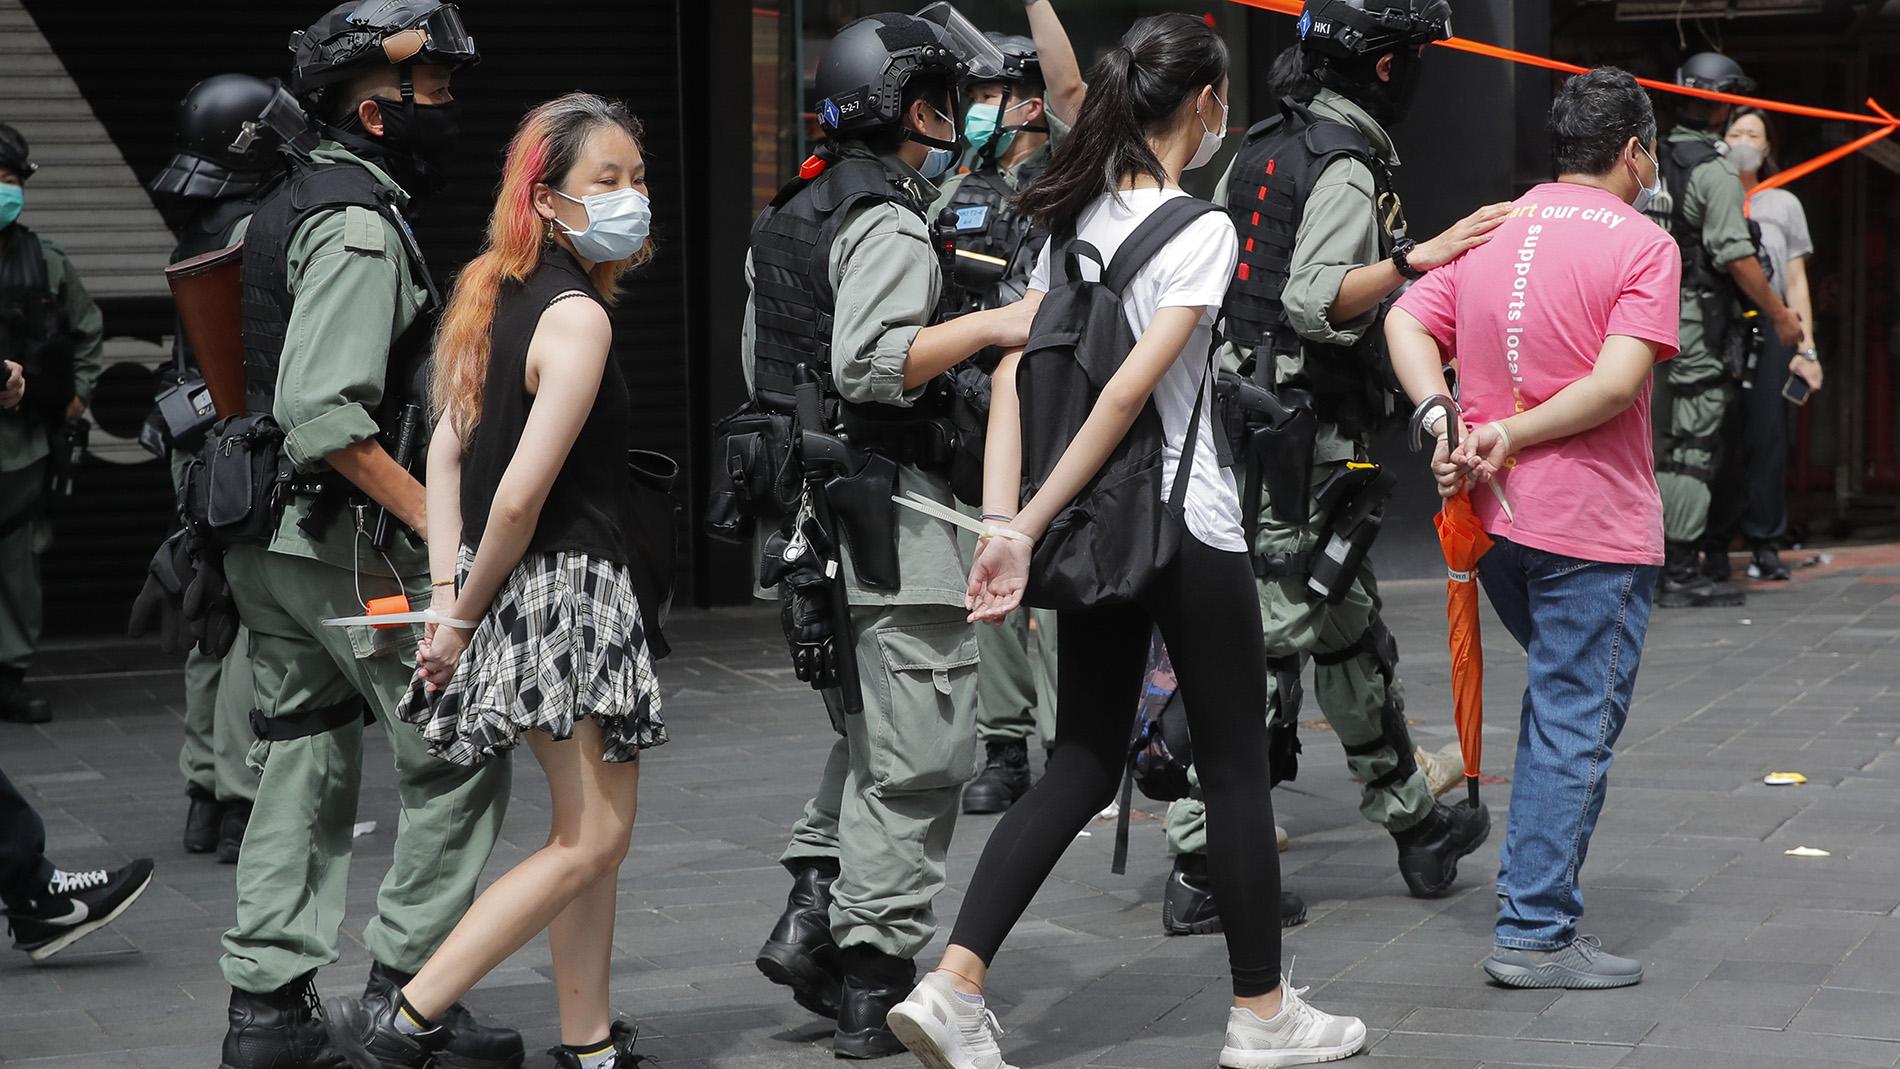 2020年7月1日,香港警察逮捕示威者。(美联社)